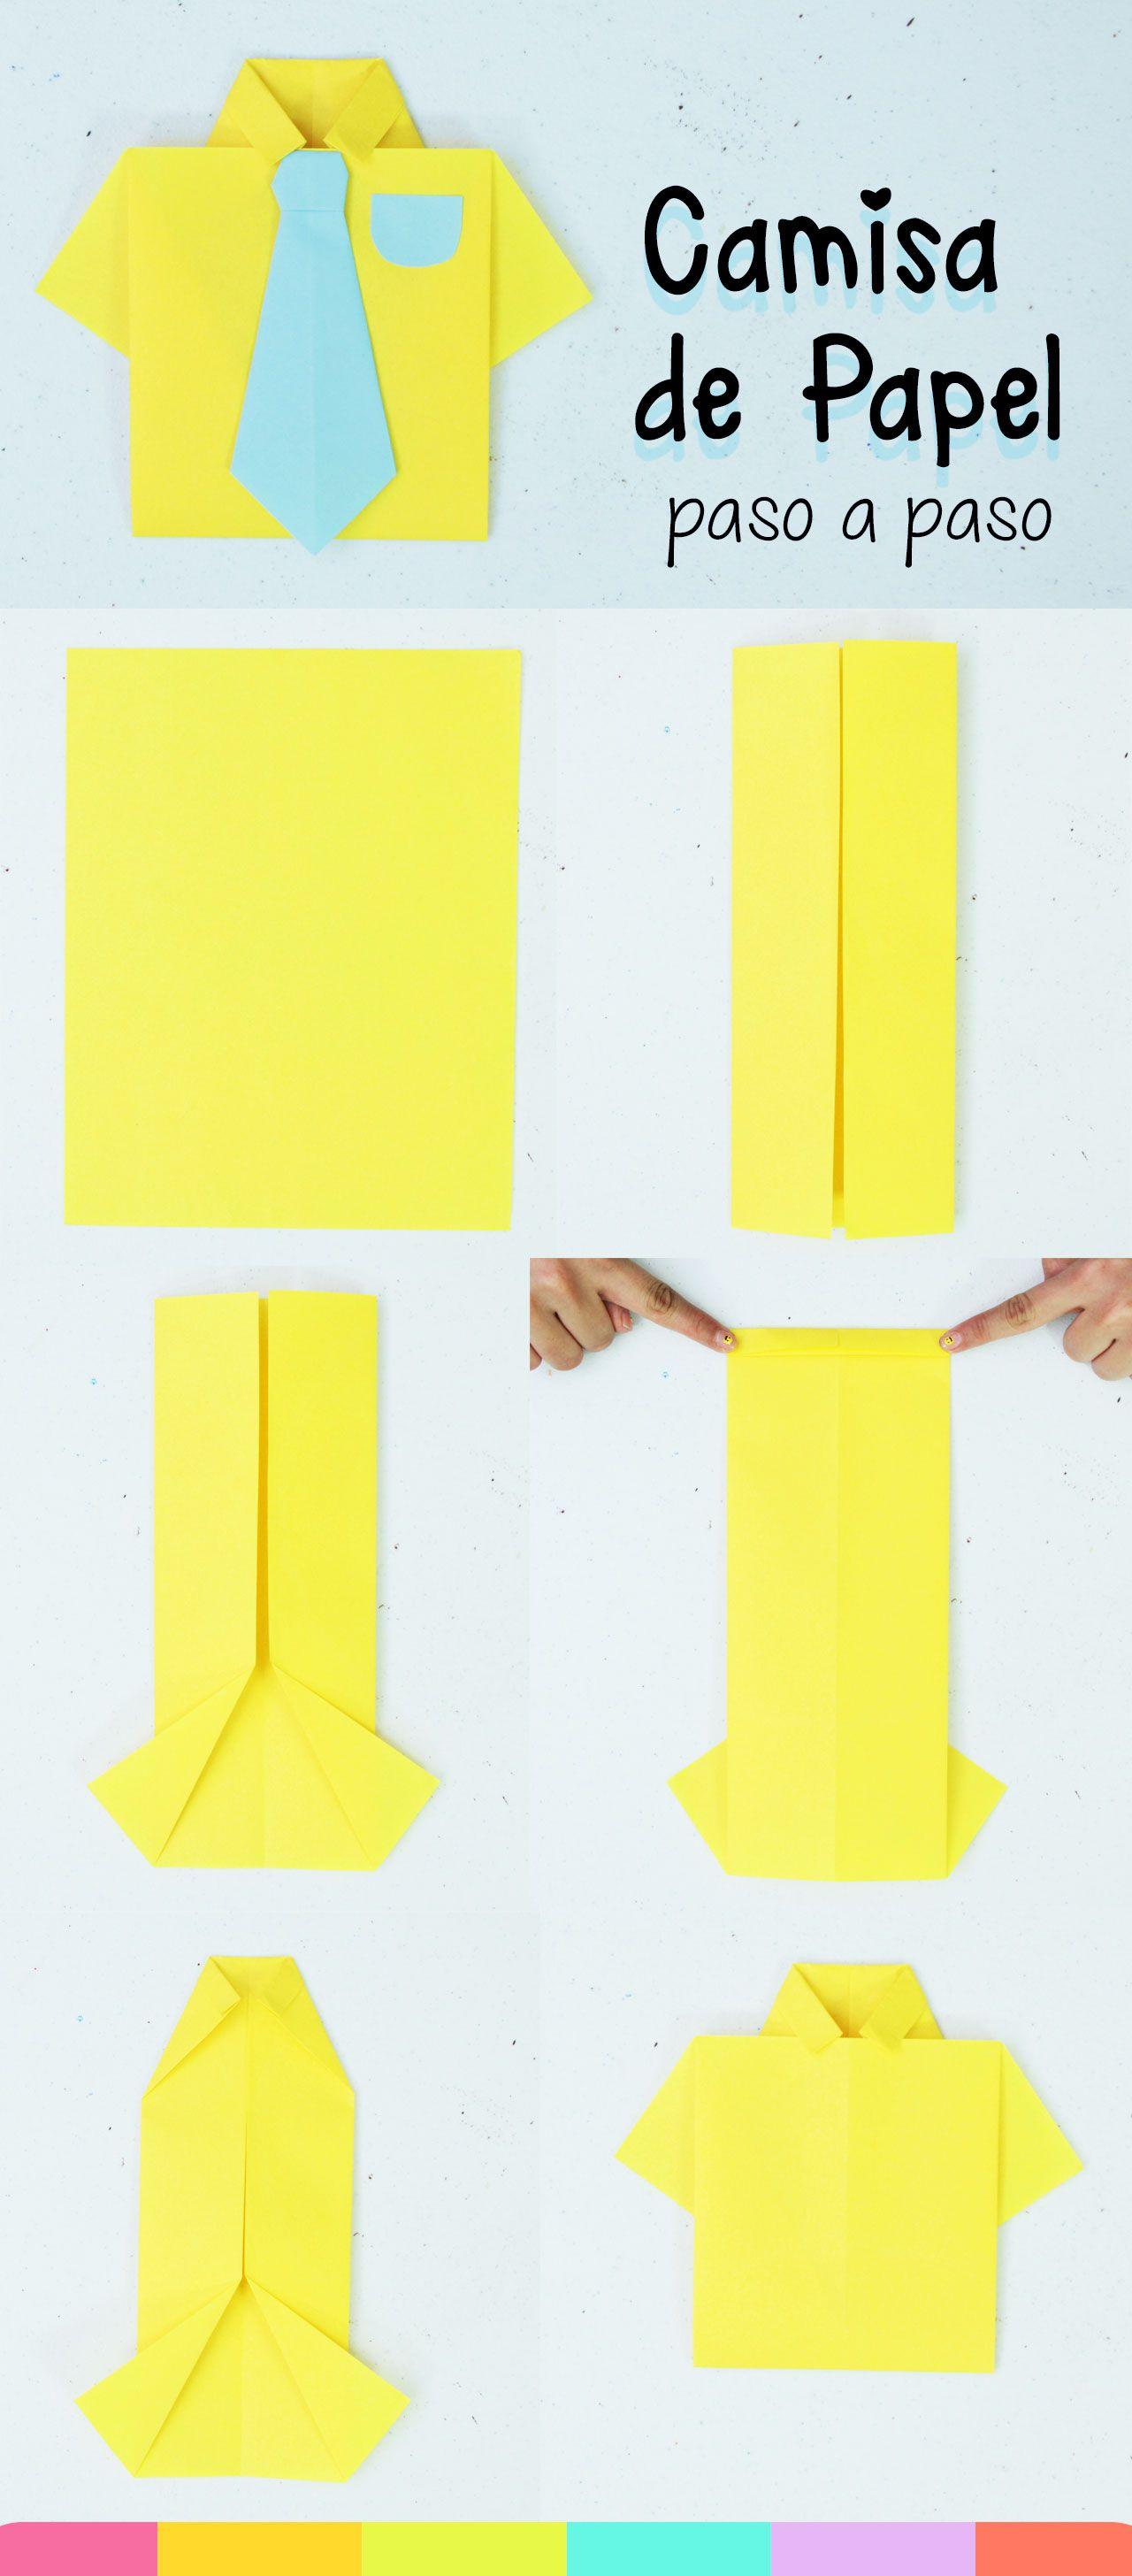 Camisa De Papel Idea Para El Dia Del Padre Camisas De Papel Camisa De Origami Origami Sencillo